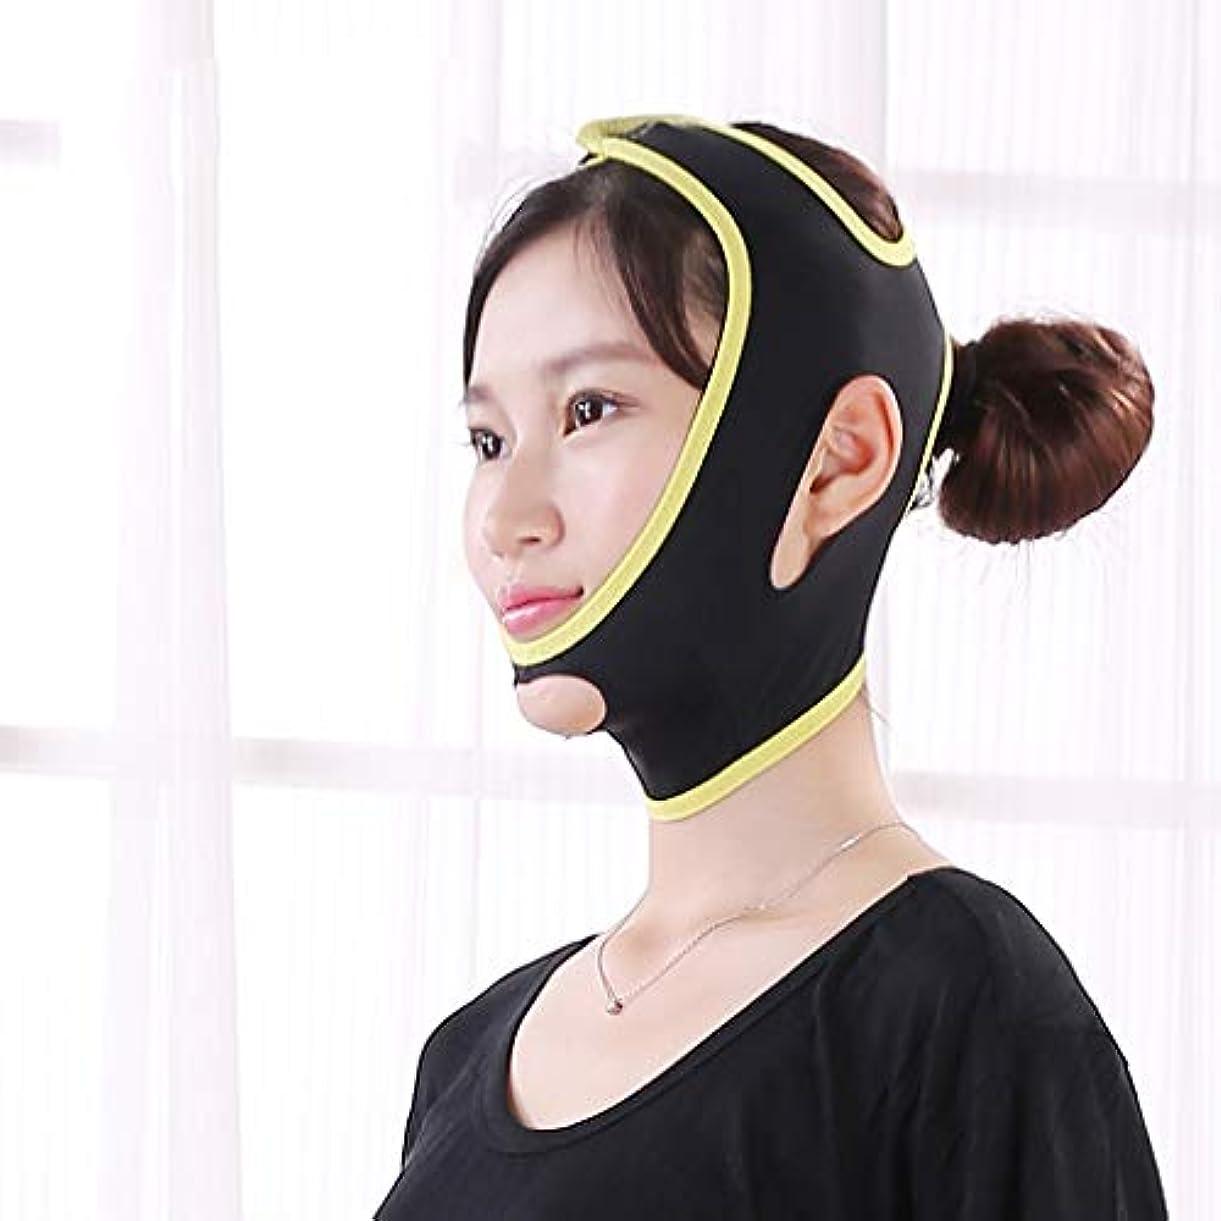 著名なヘッジ追加顔のバンデージVフェイスリフティングダブルチン小さな顔のシェイピングベルト薄いマテリアルマスク